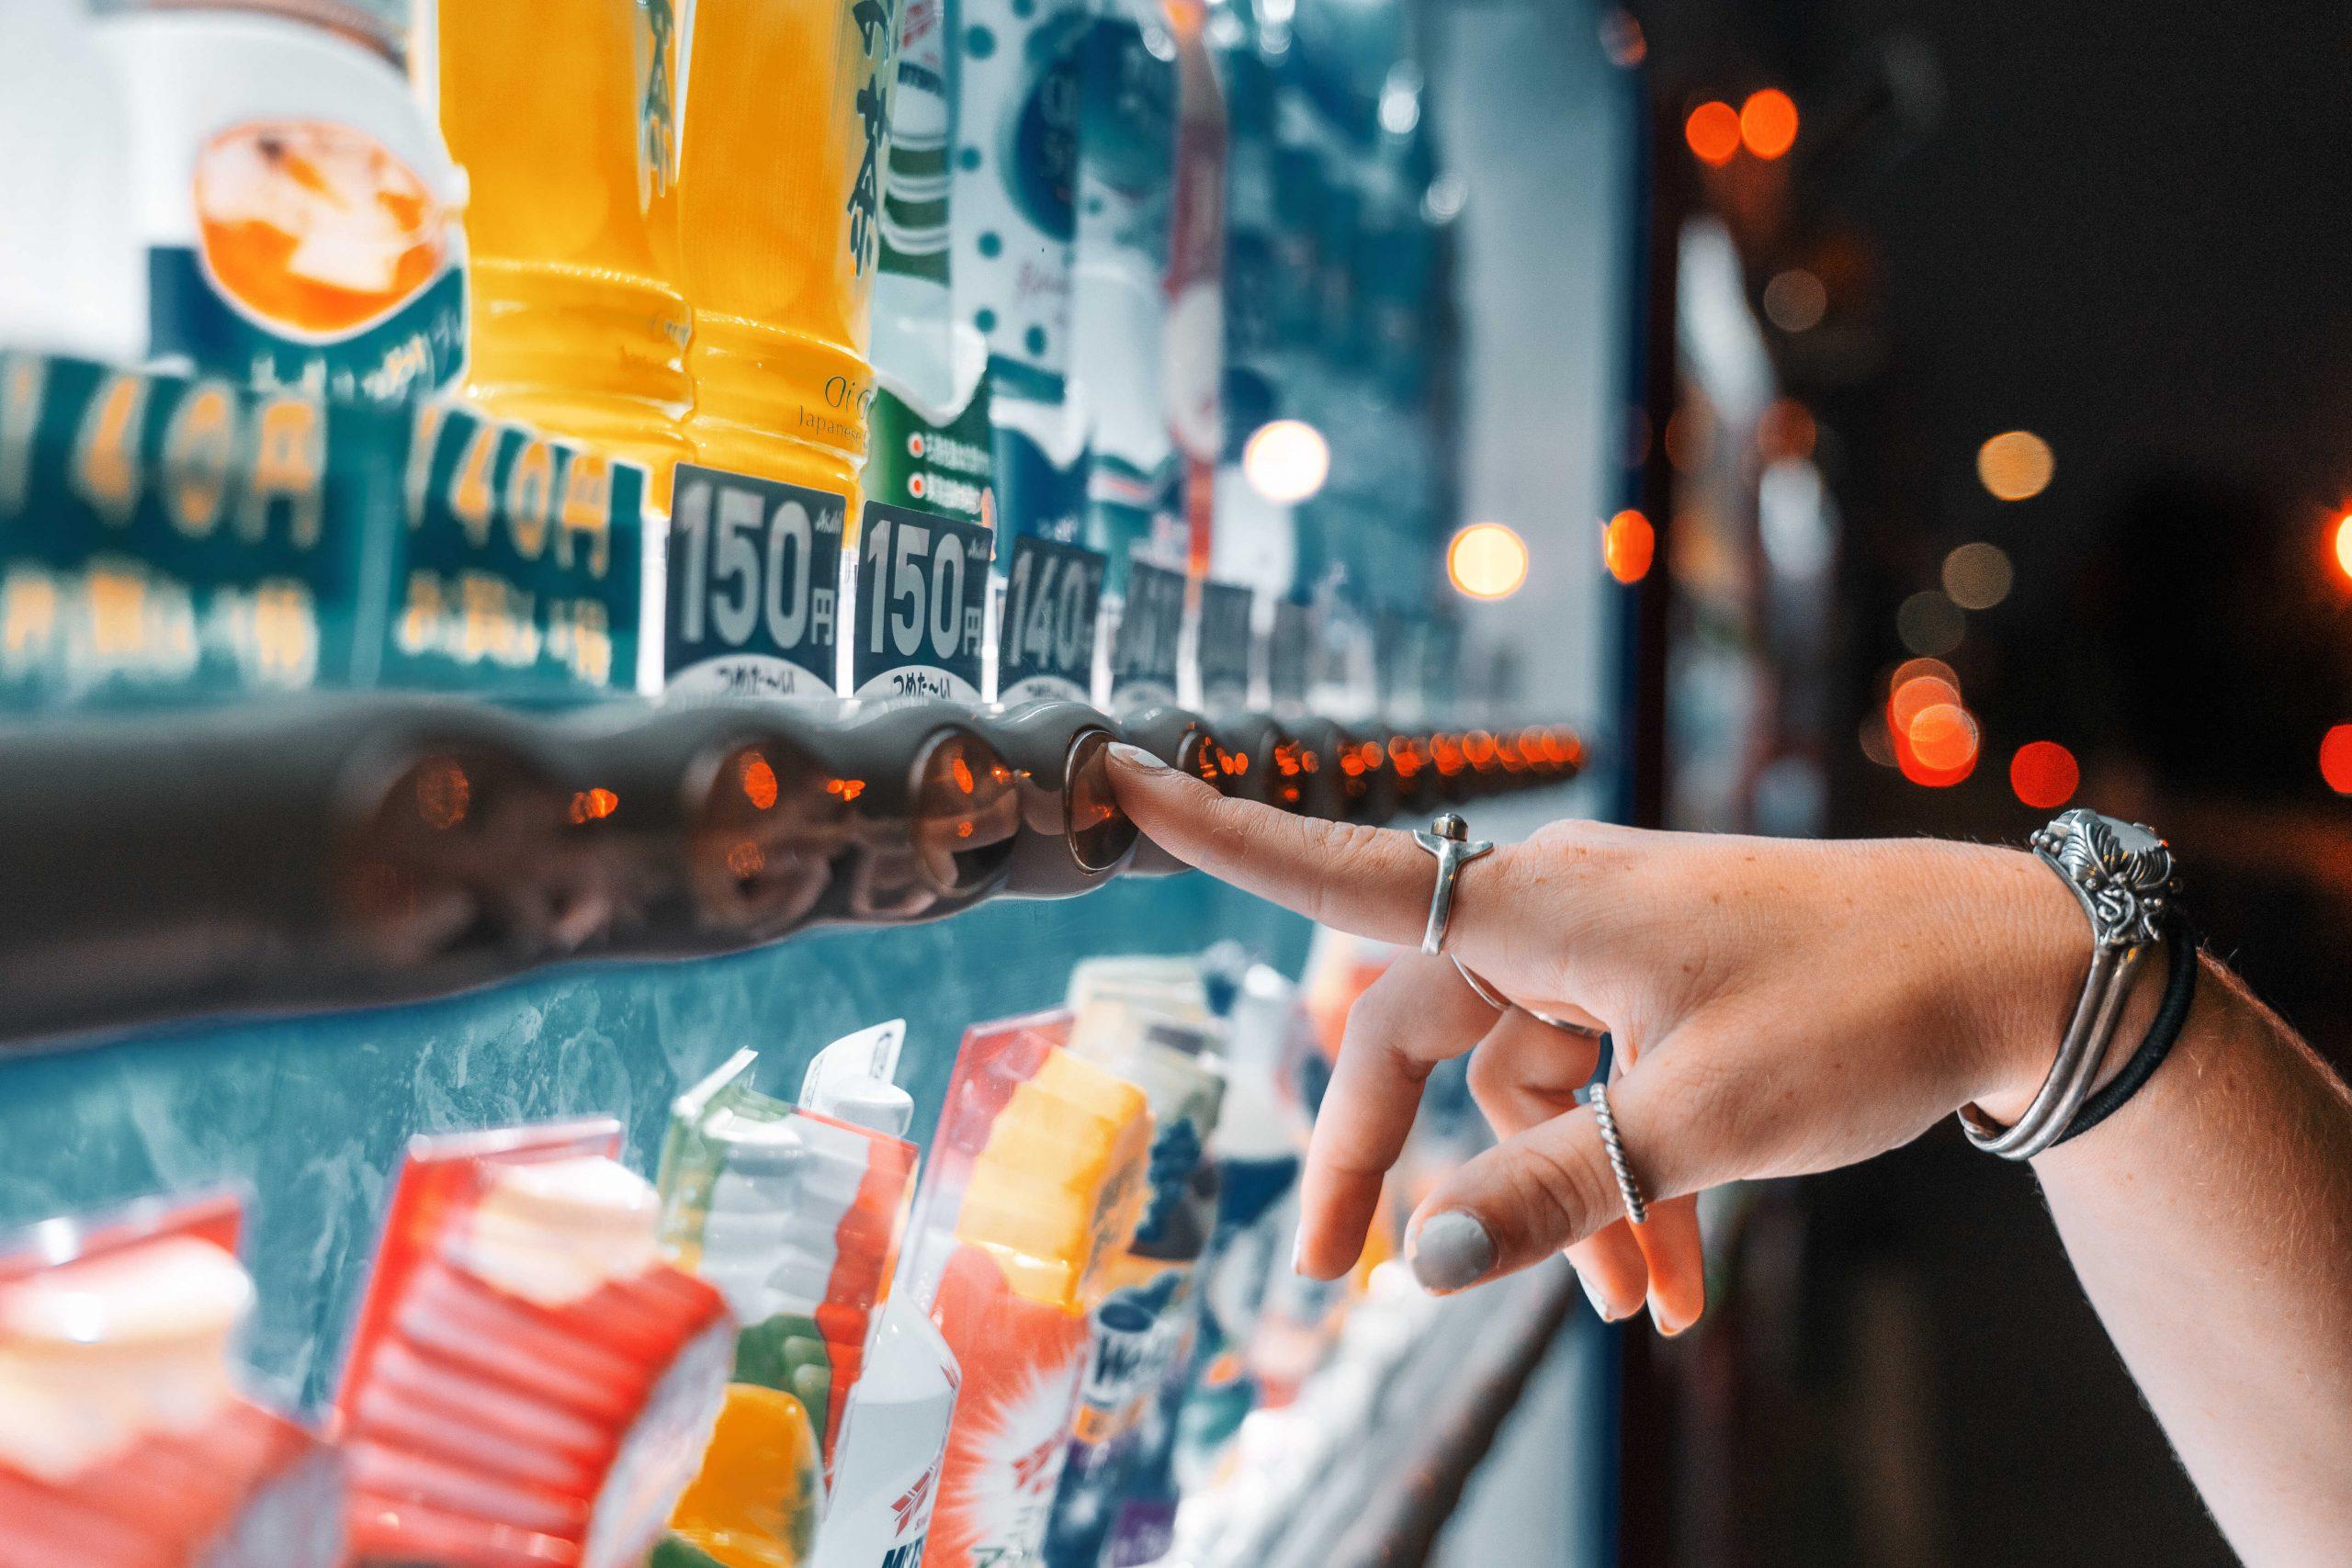 Japan-vending-machines